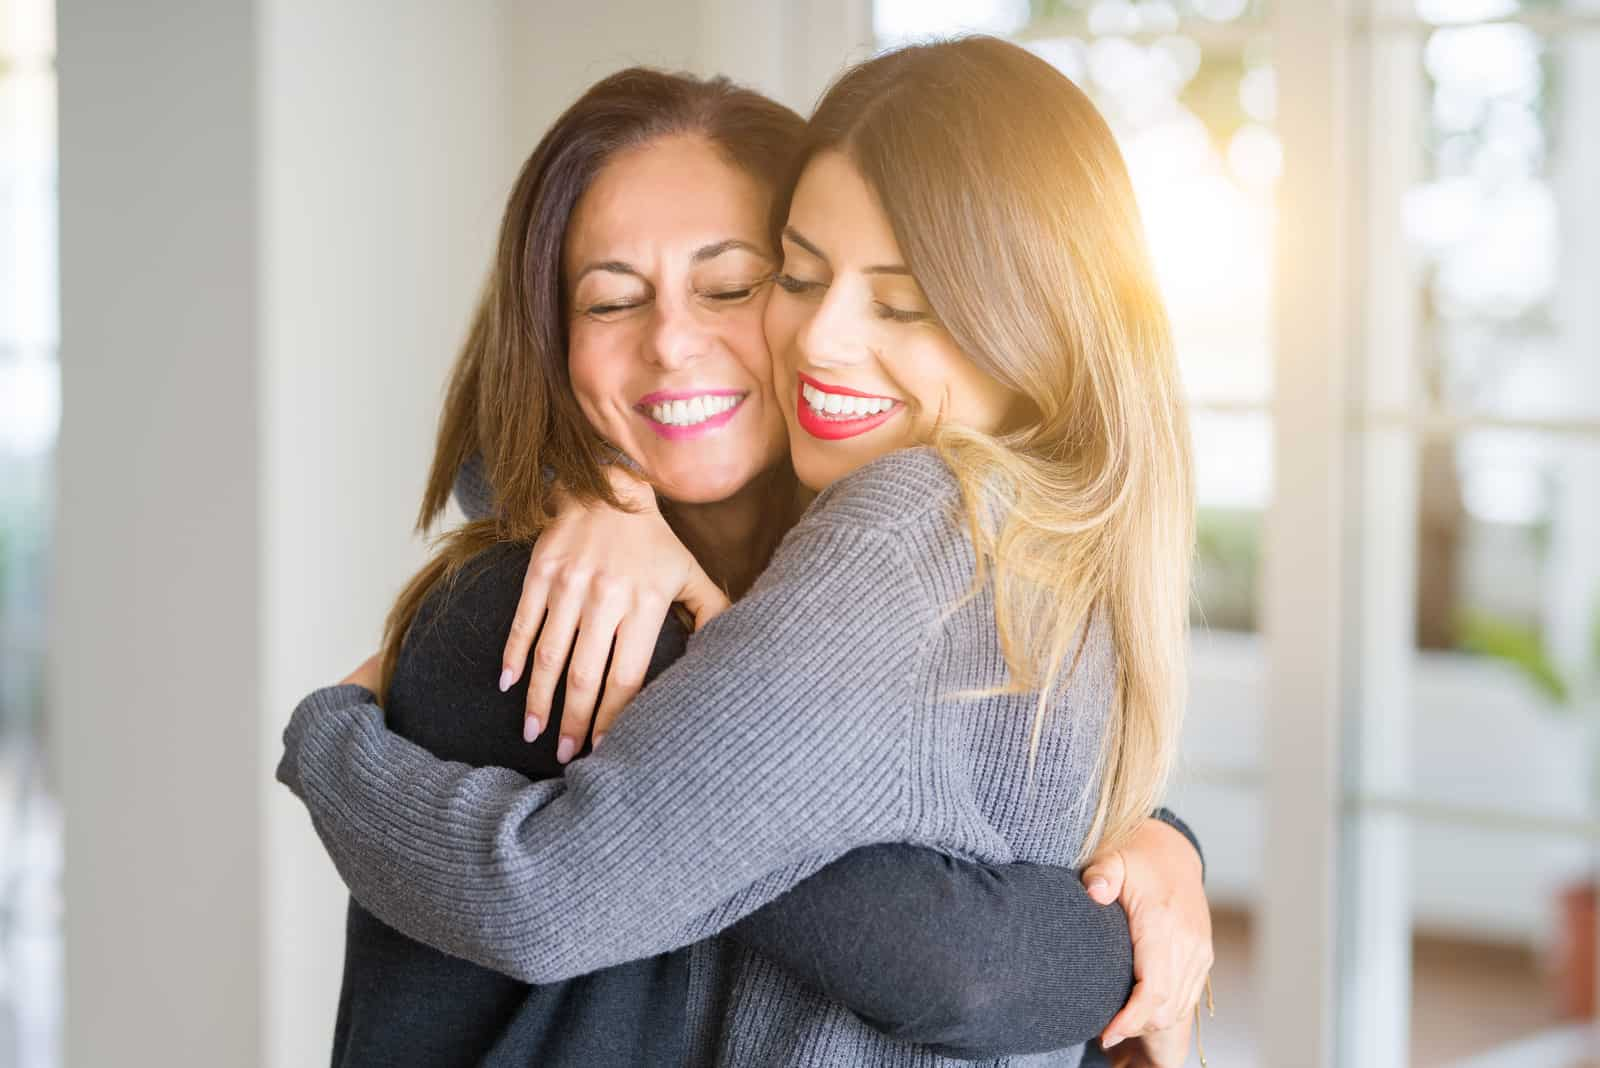 maman et sa fille s'embrassent en riant